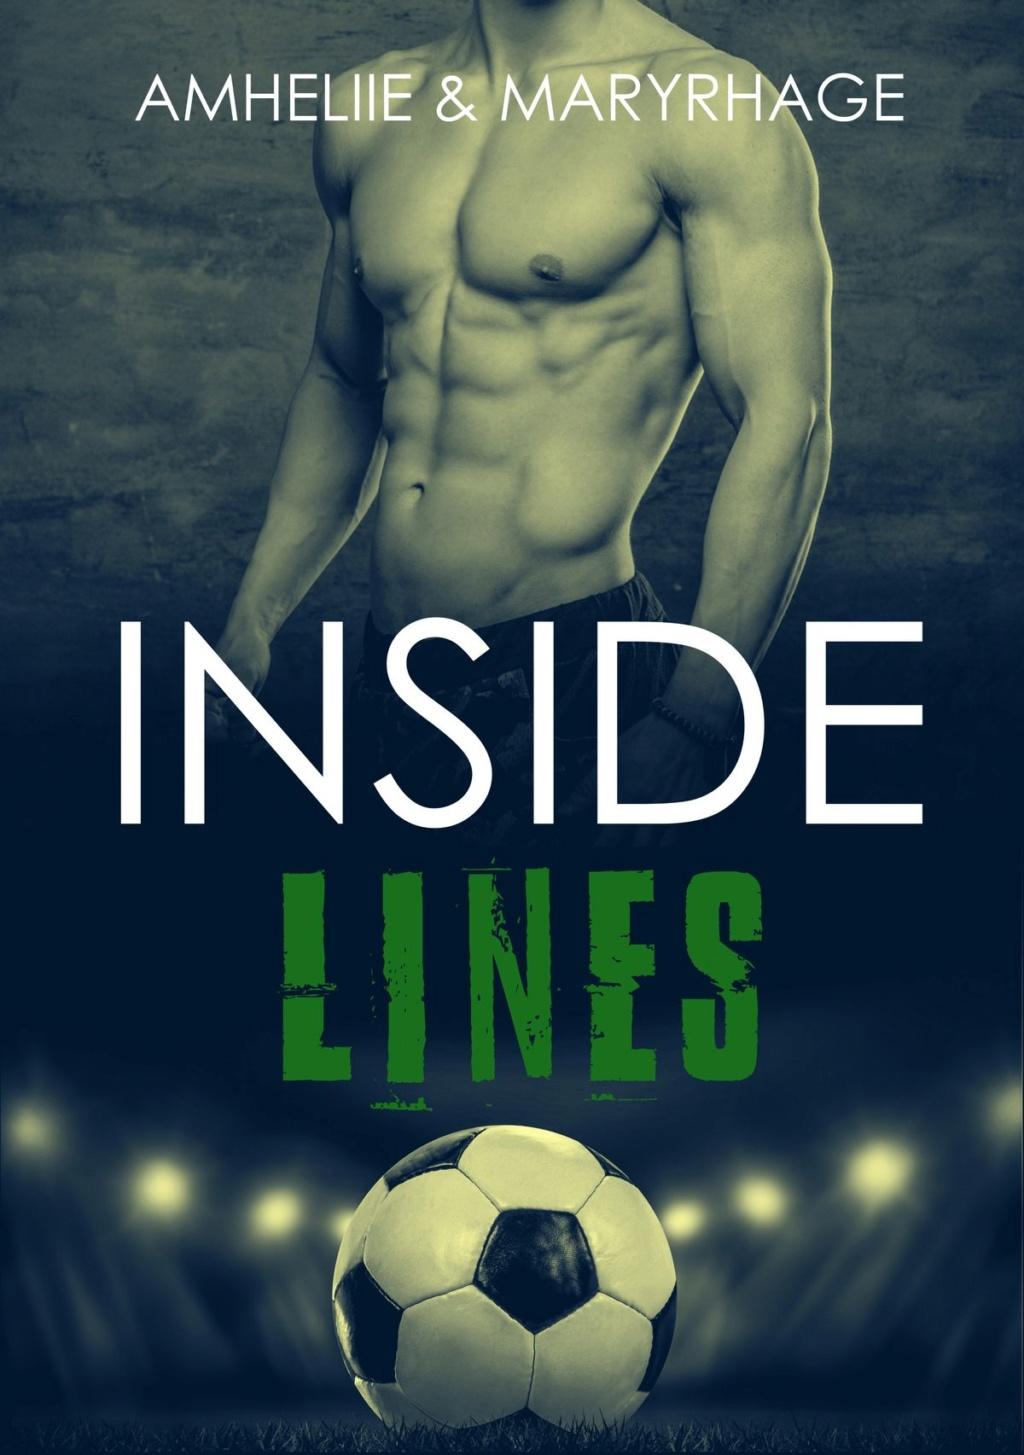 inside10.jpg